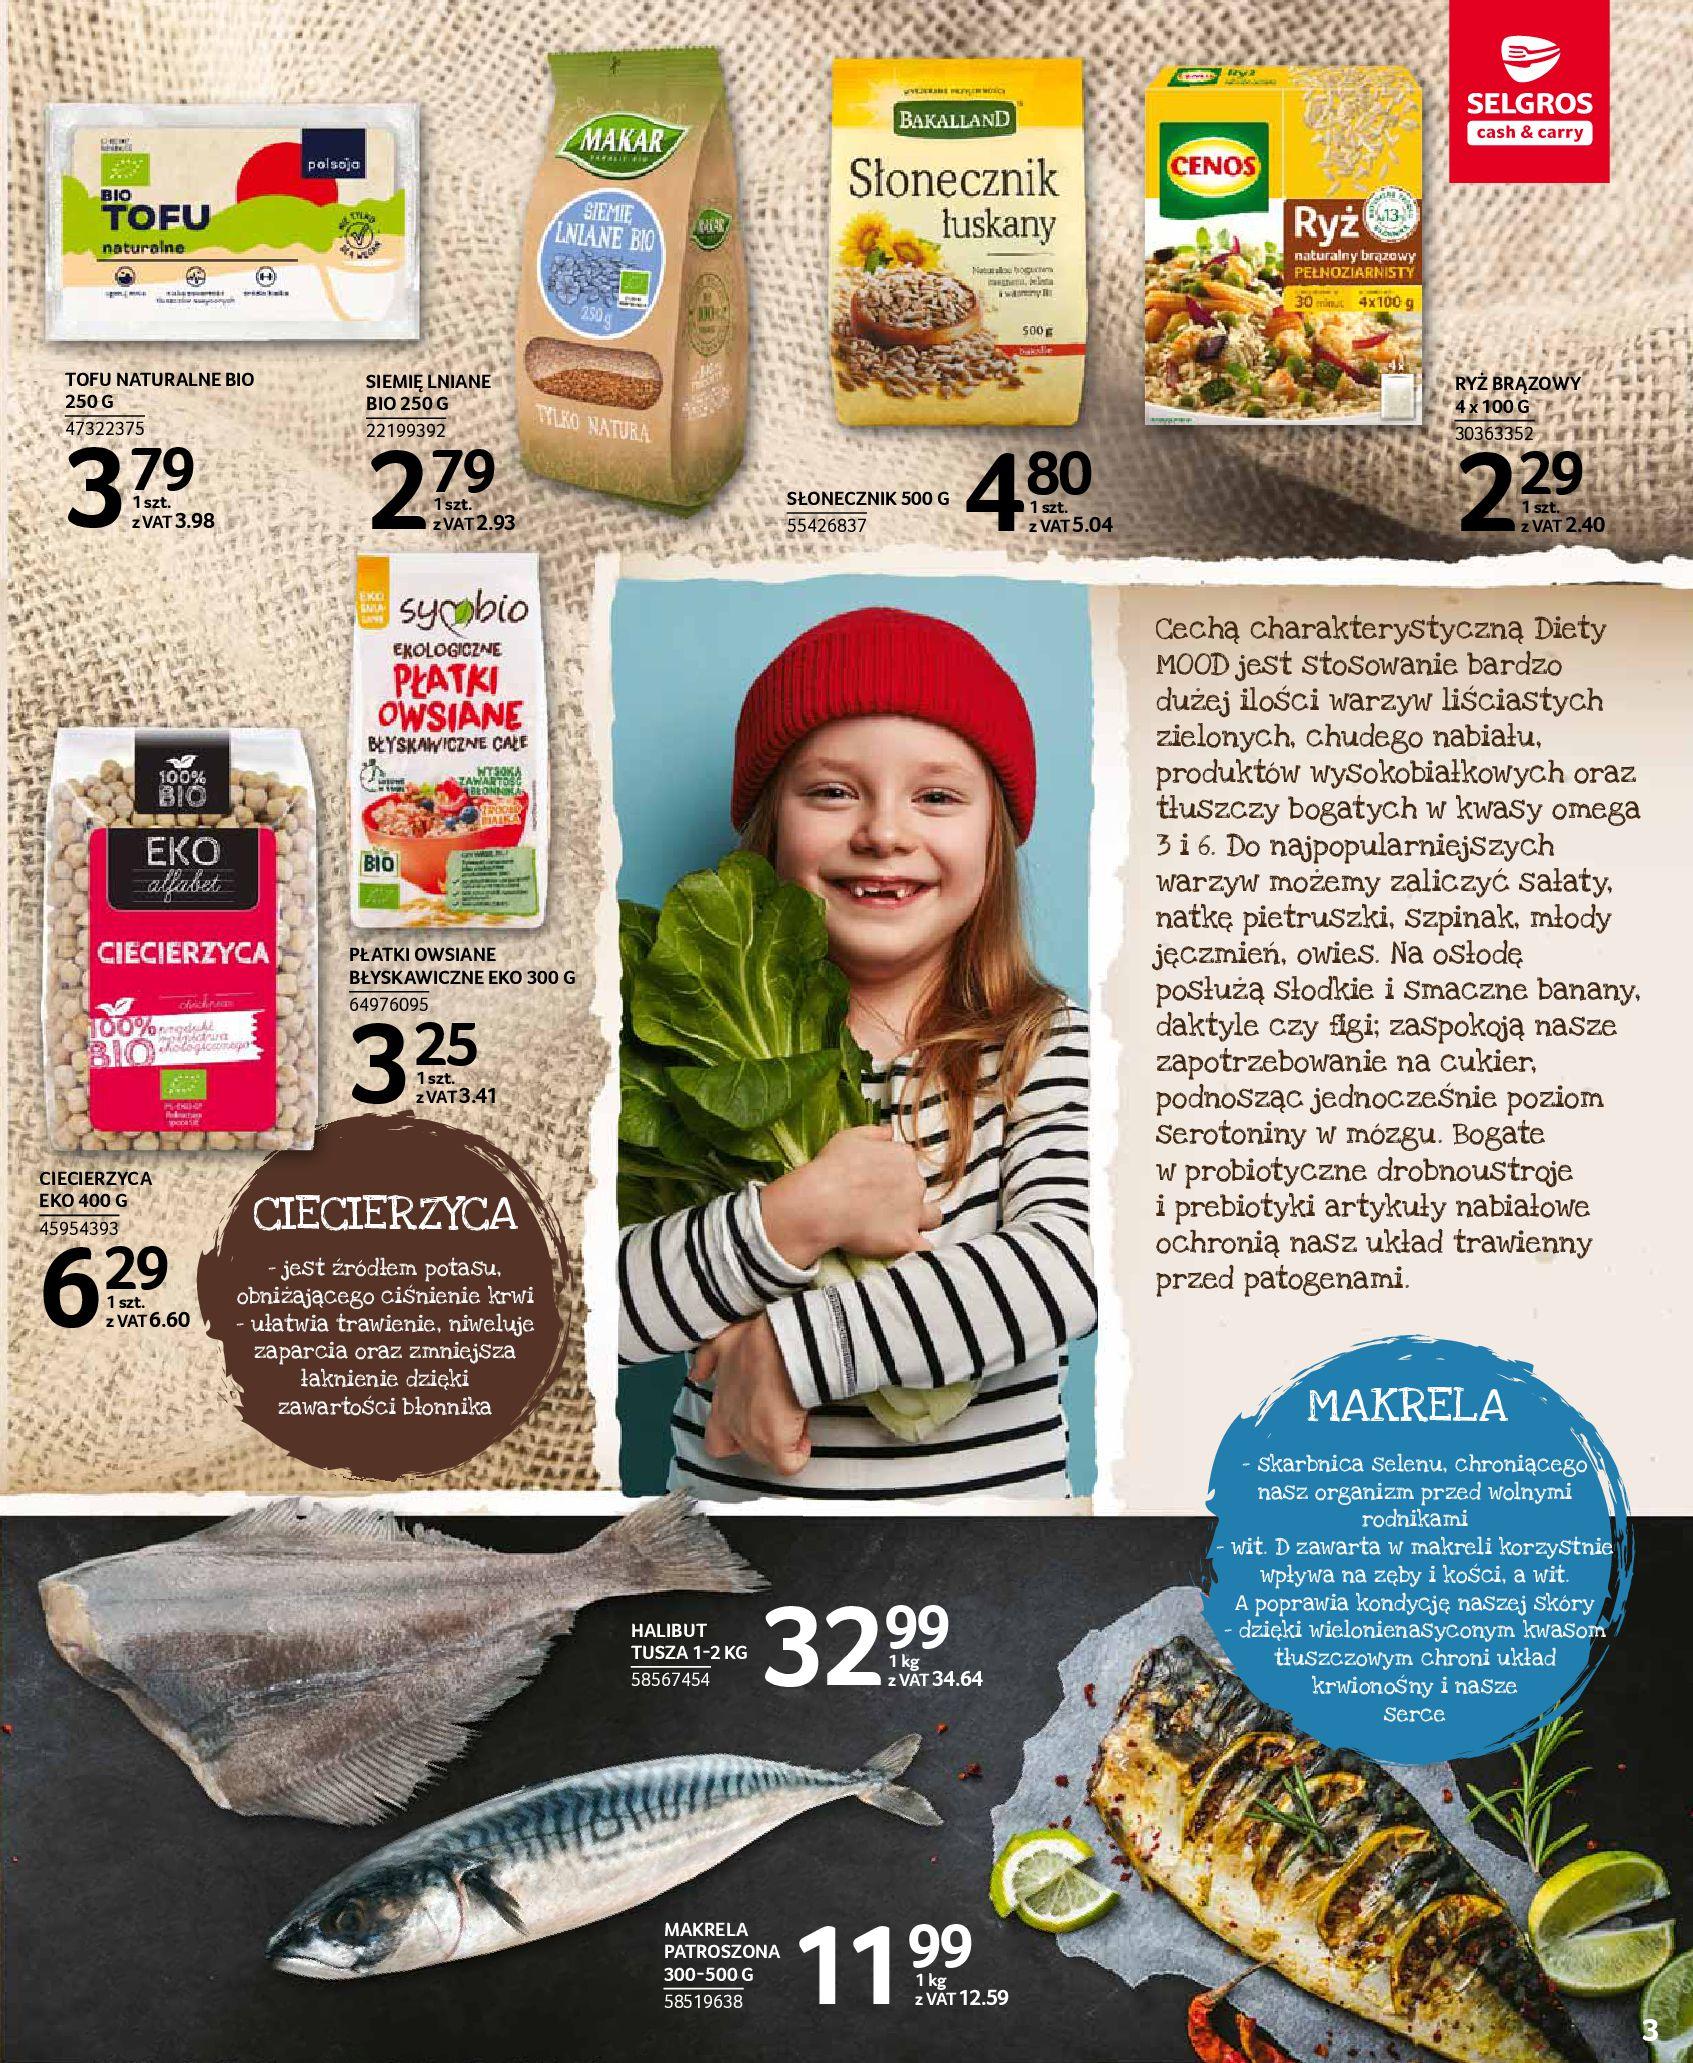 Gazetka Selgros: Oferta spożywcza 2021-01-07 page-3